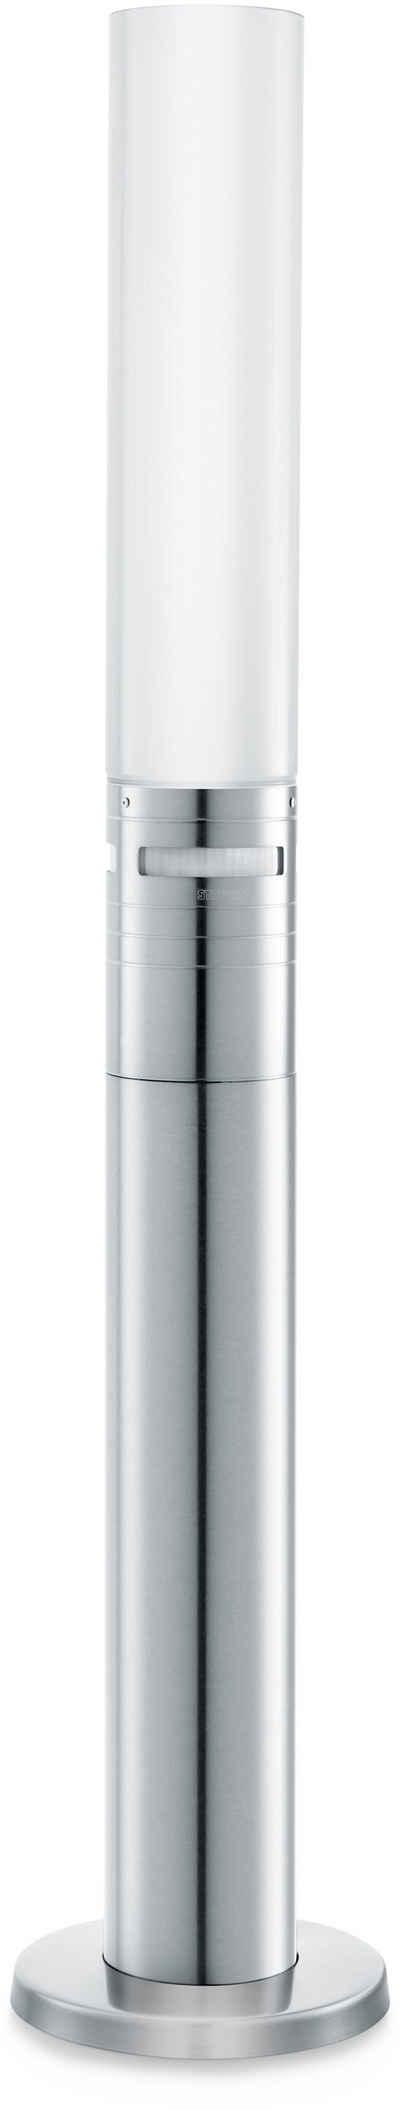 steinel Außen-Stehlampe »GL 60«, 360° Bewegungsmelder, Opal Glas, Höhe wählbar